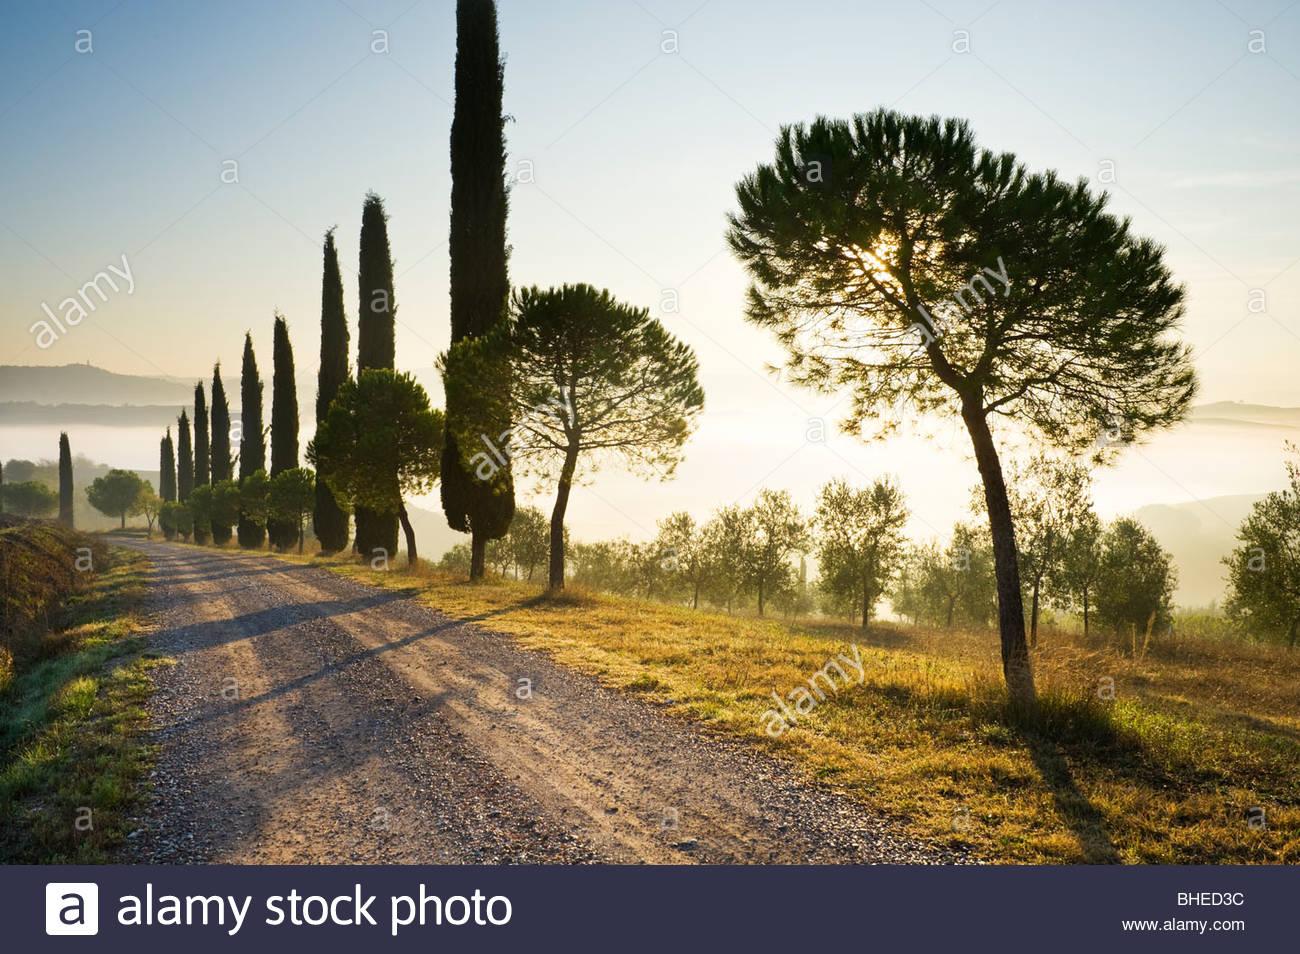 Via di cipressi, nei pressi di San Quirico d'Orcia, Val d'Orcia, Toscana, Italia. Immagini Stock